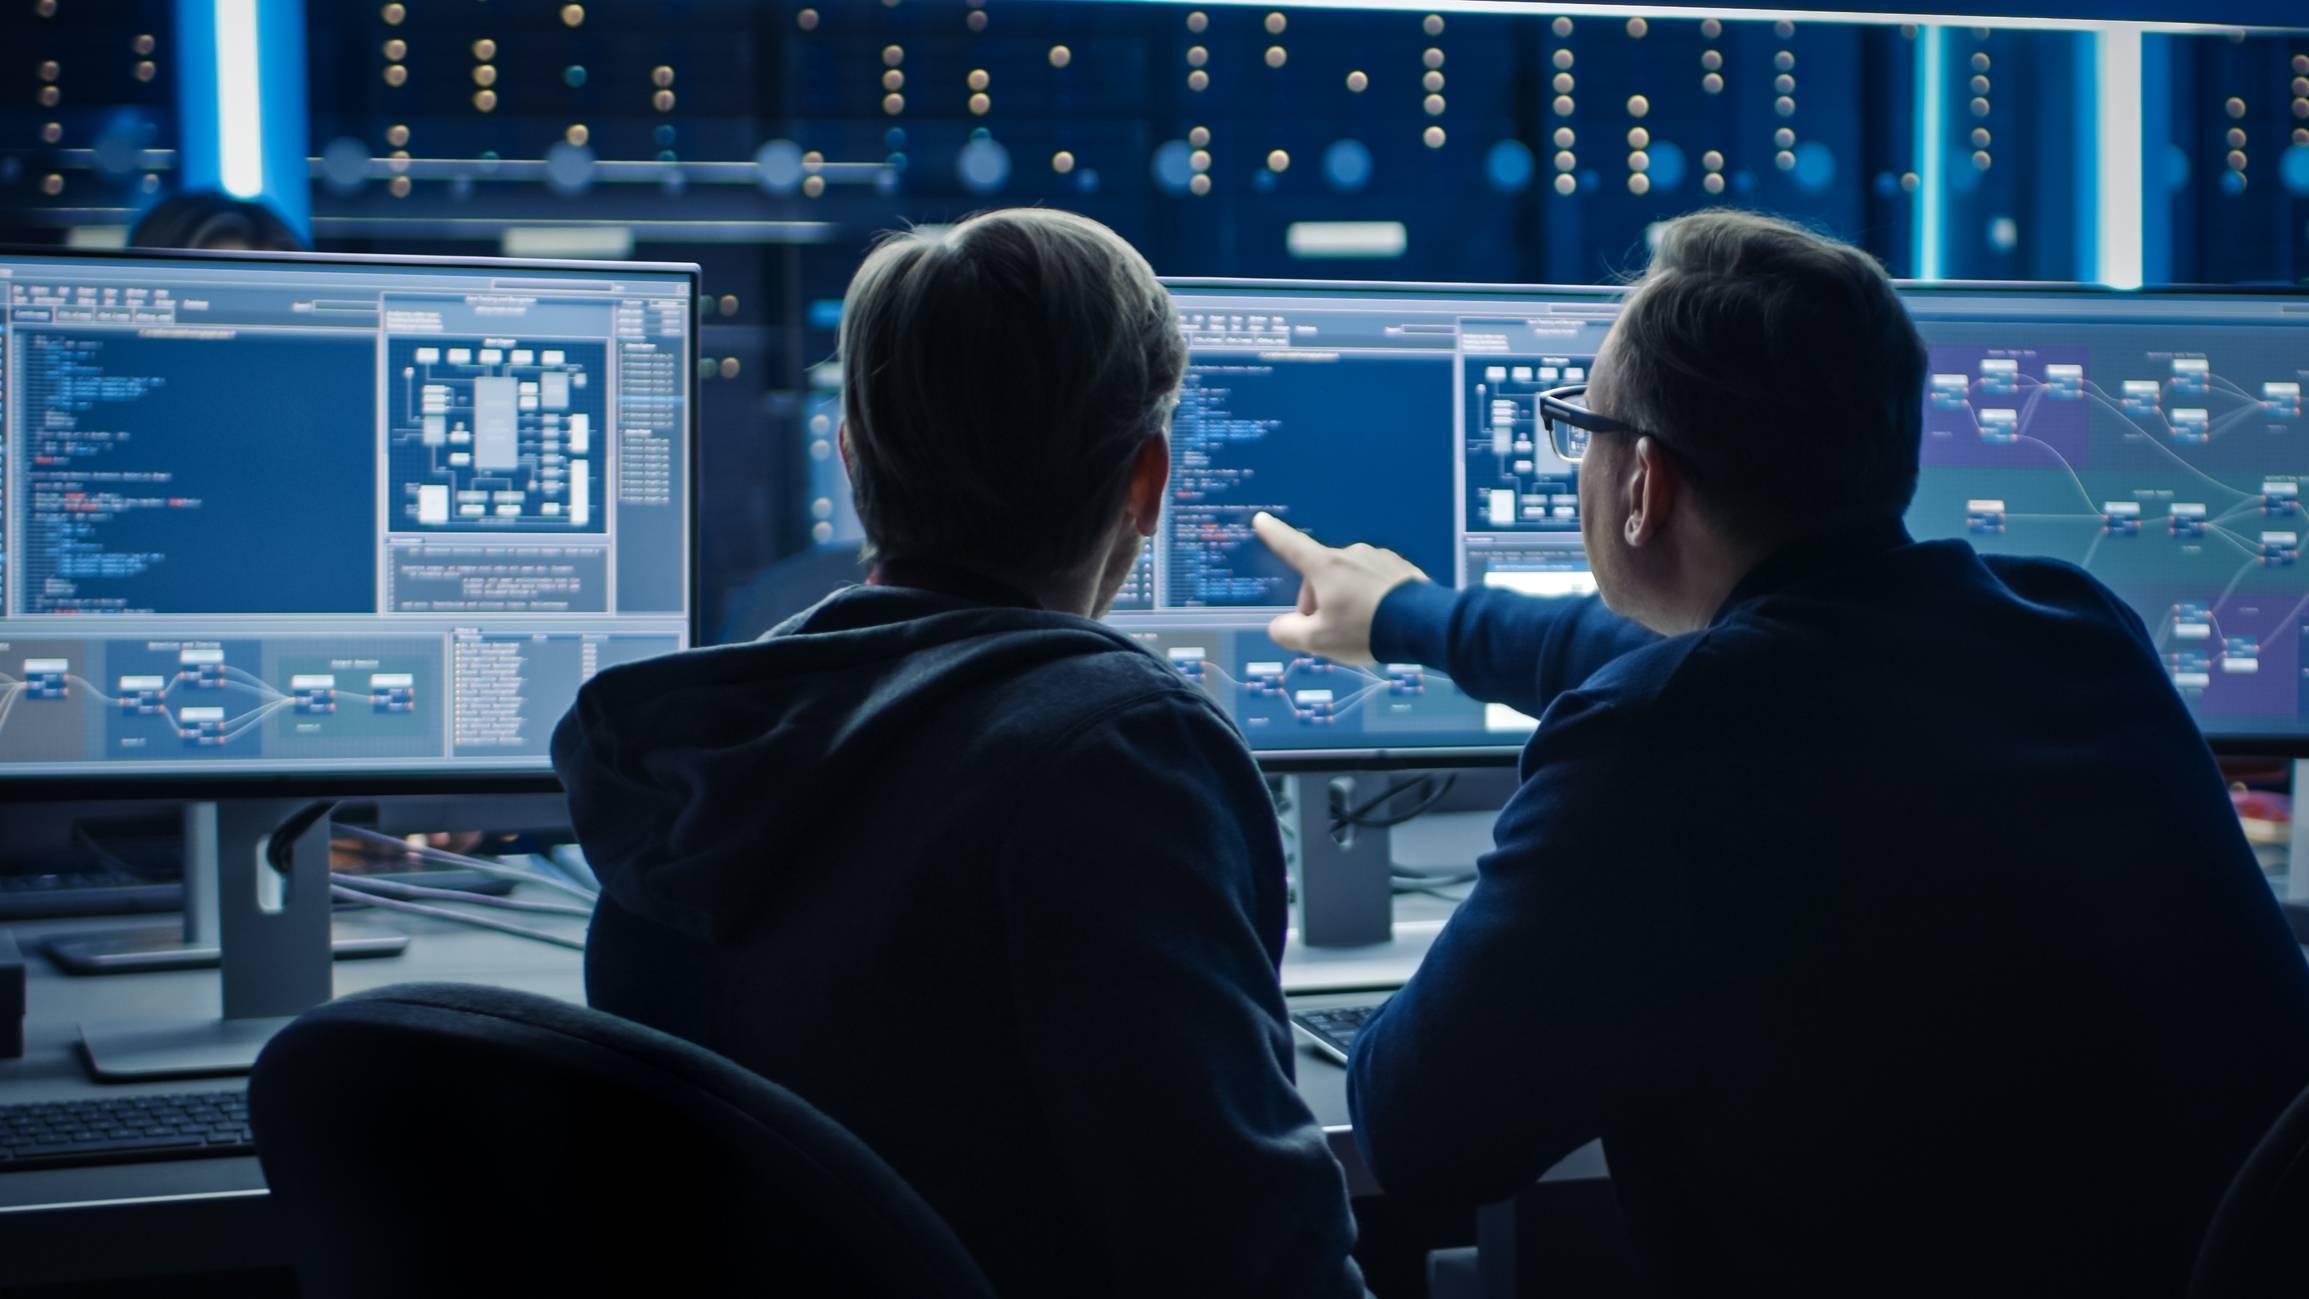 formation rssi responsable de la sécurité des systèmes d'information